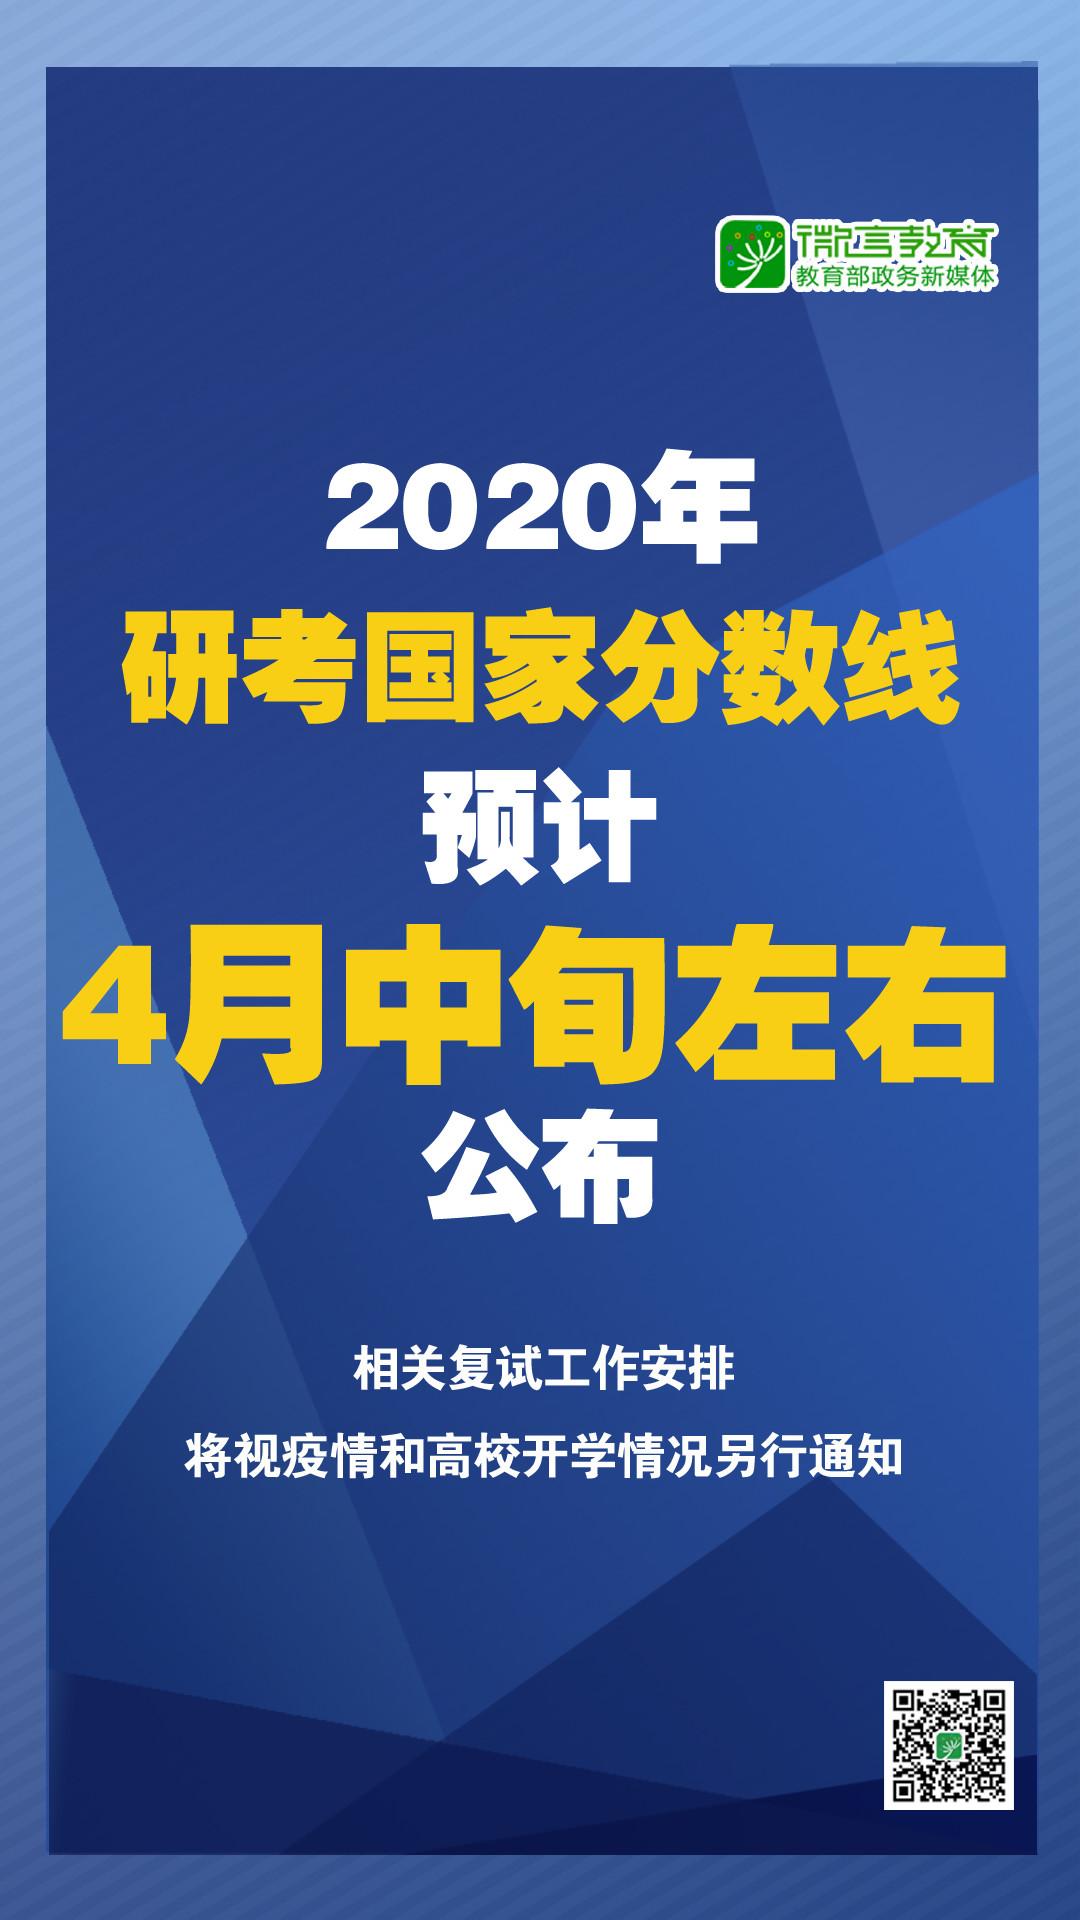 2020年研考国家分数线预计4月中旬左右公布